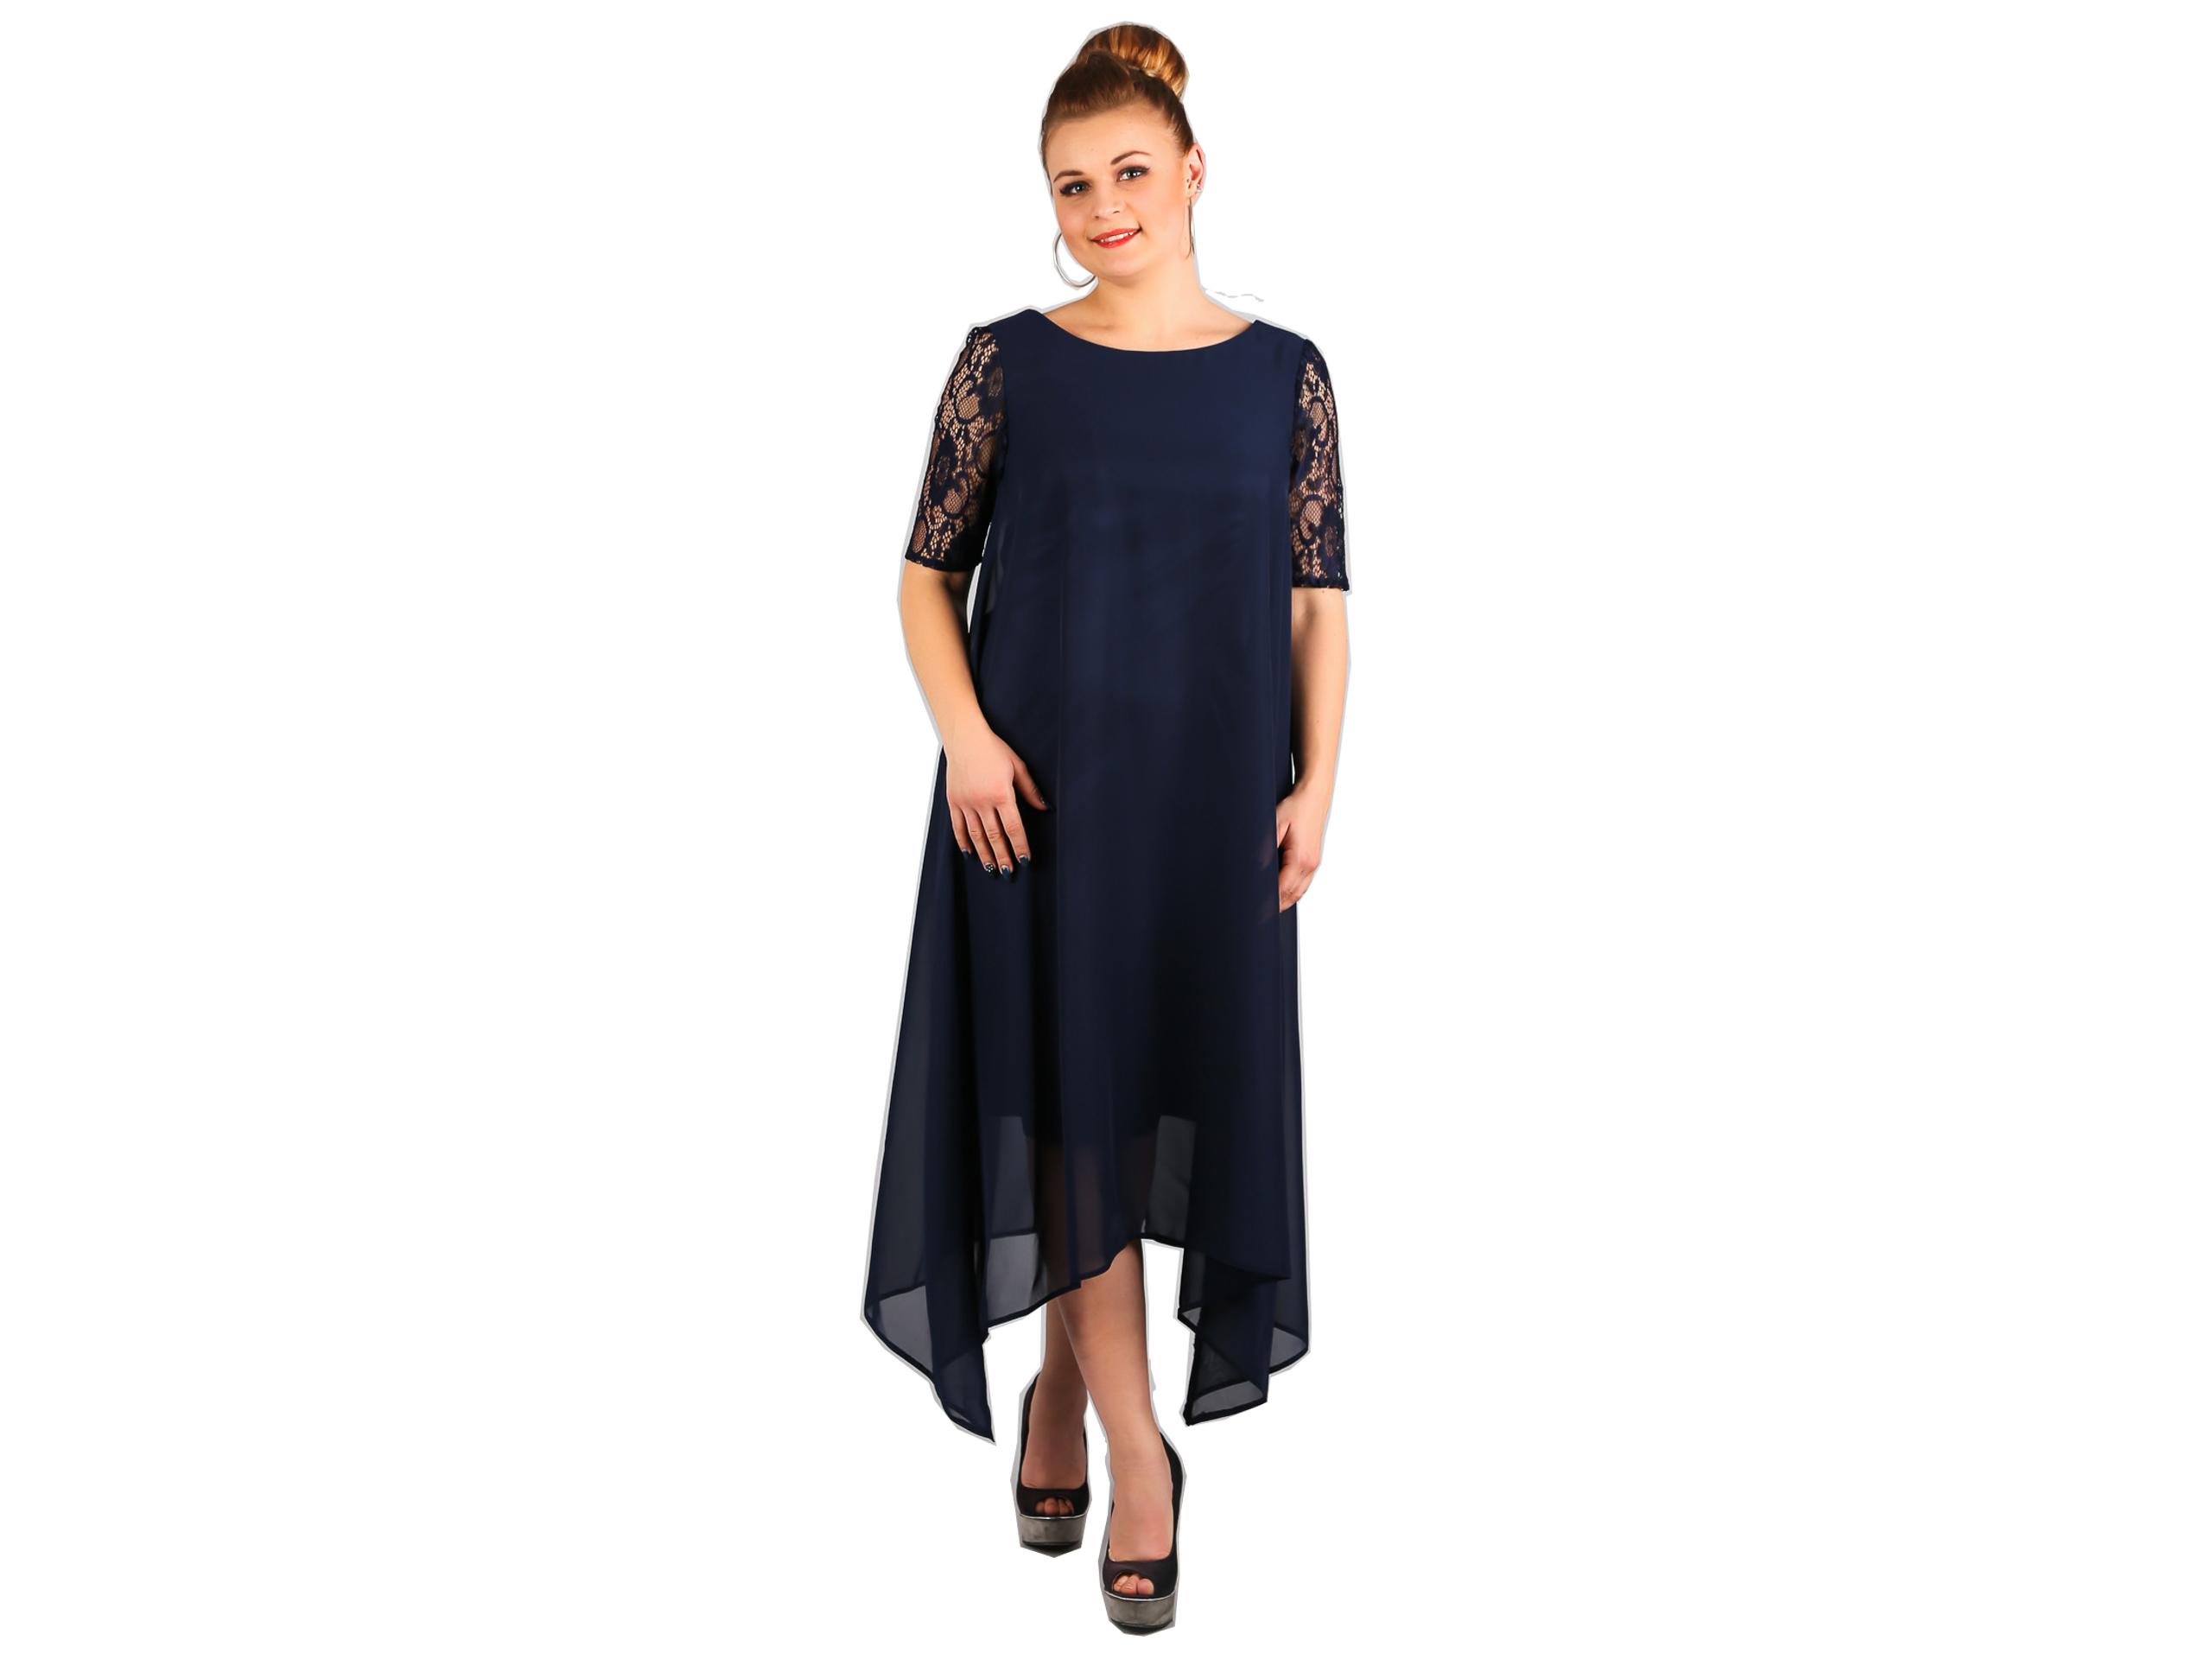 a07ad74077 OKAZJA Długa sukienka z koronką na wesele 50 - 7512614530 ...